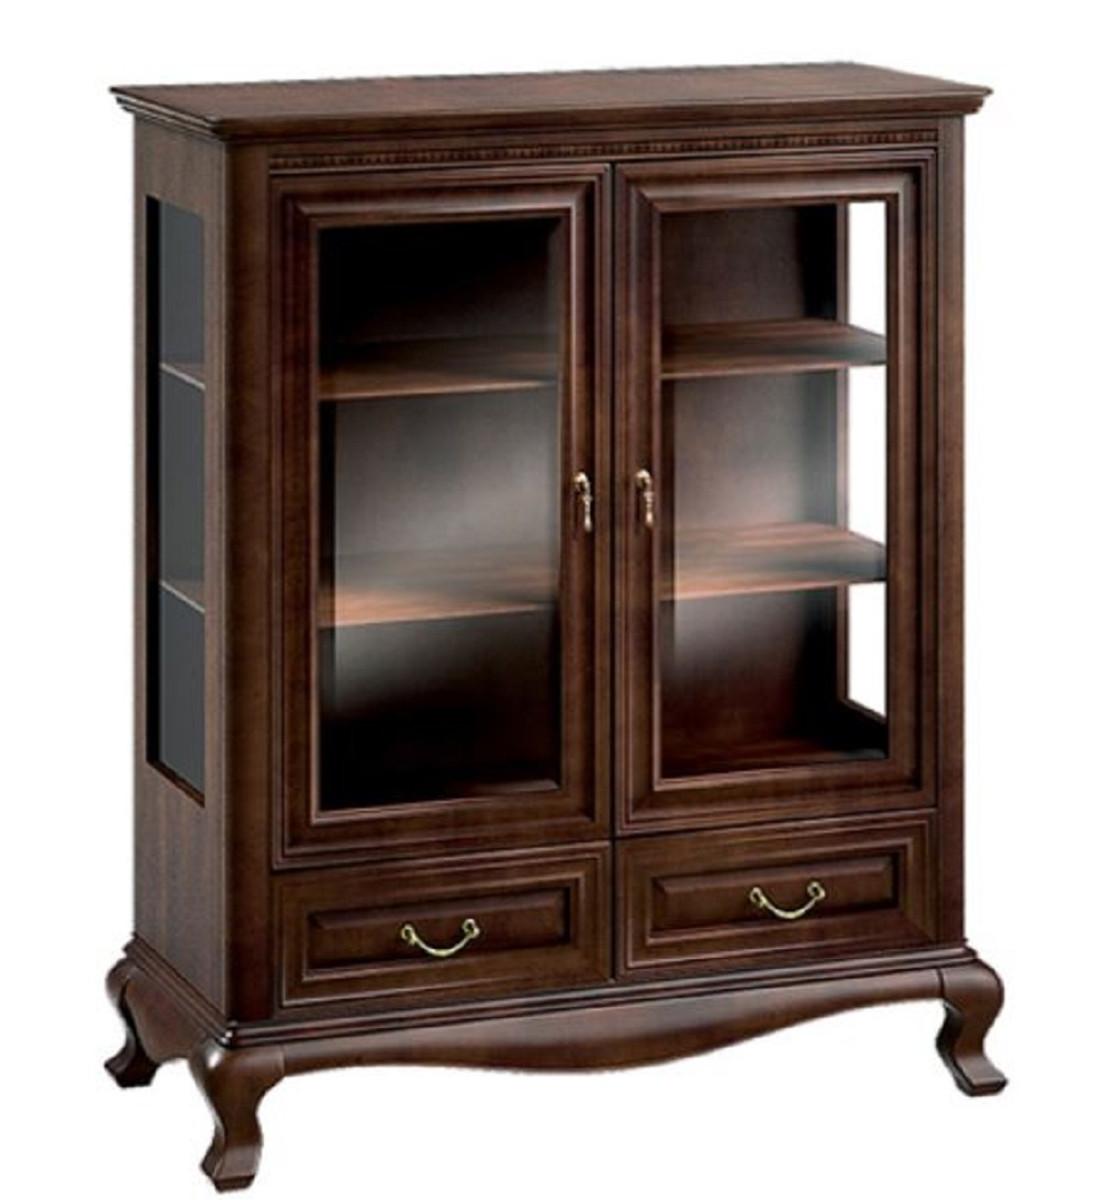 casa padrino armoire de salon art nouveau de luxe brun fonce 105 3 x 45 6 x h 129 9 cm armoire en bois massif a 2 portes en verre et 2 tiroirs